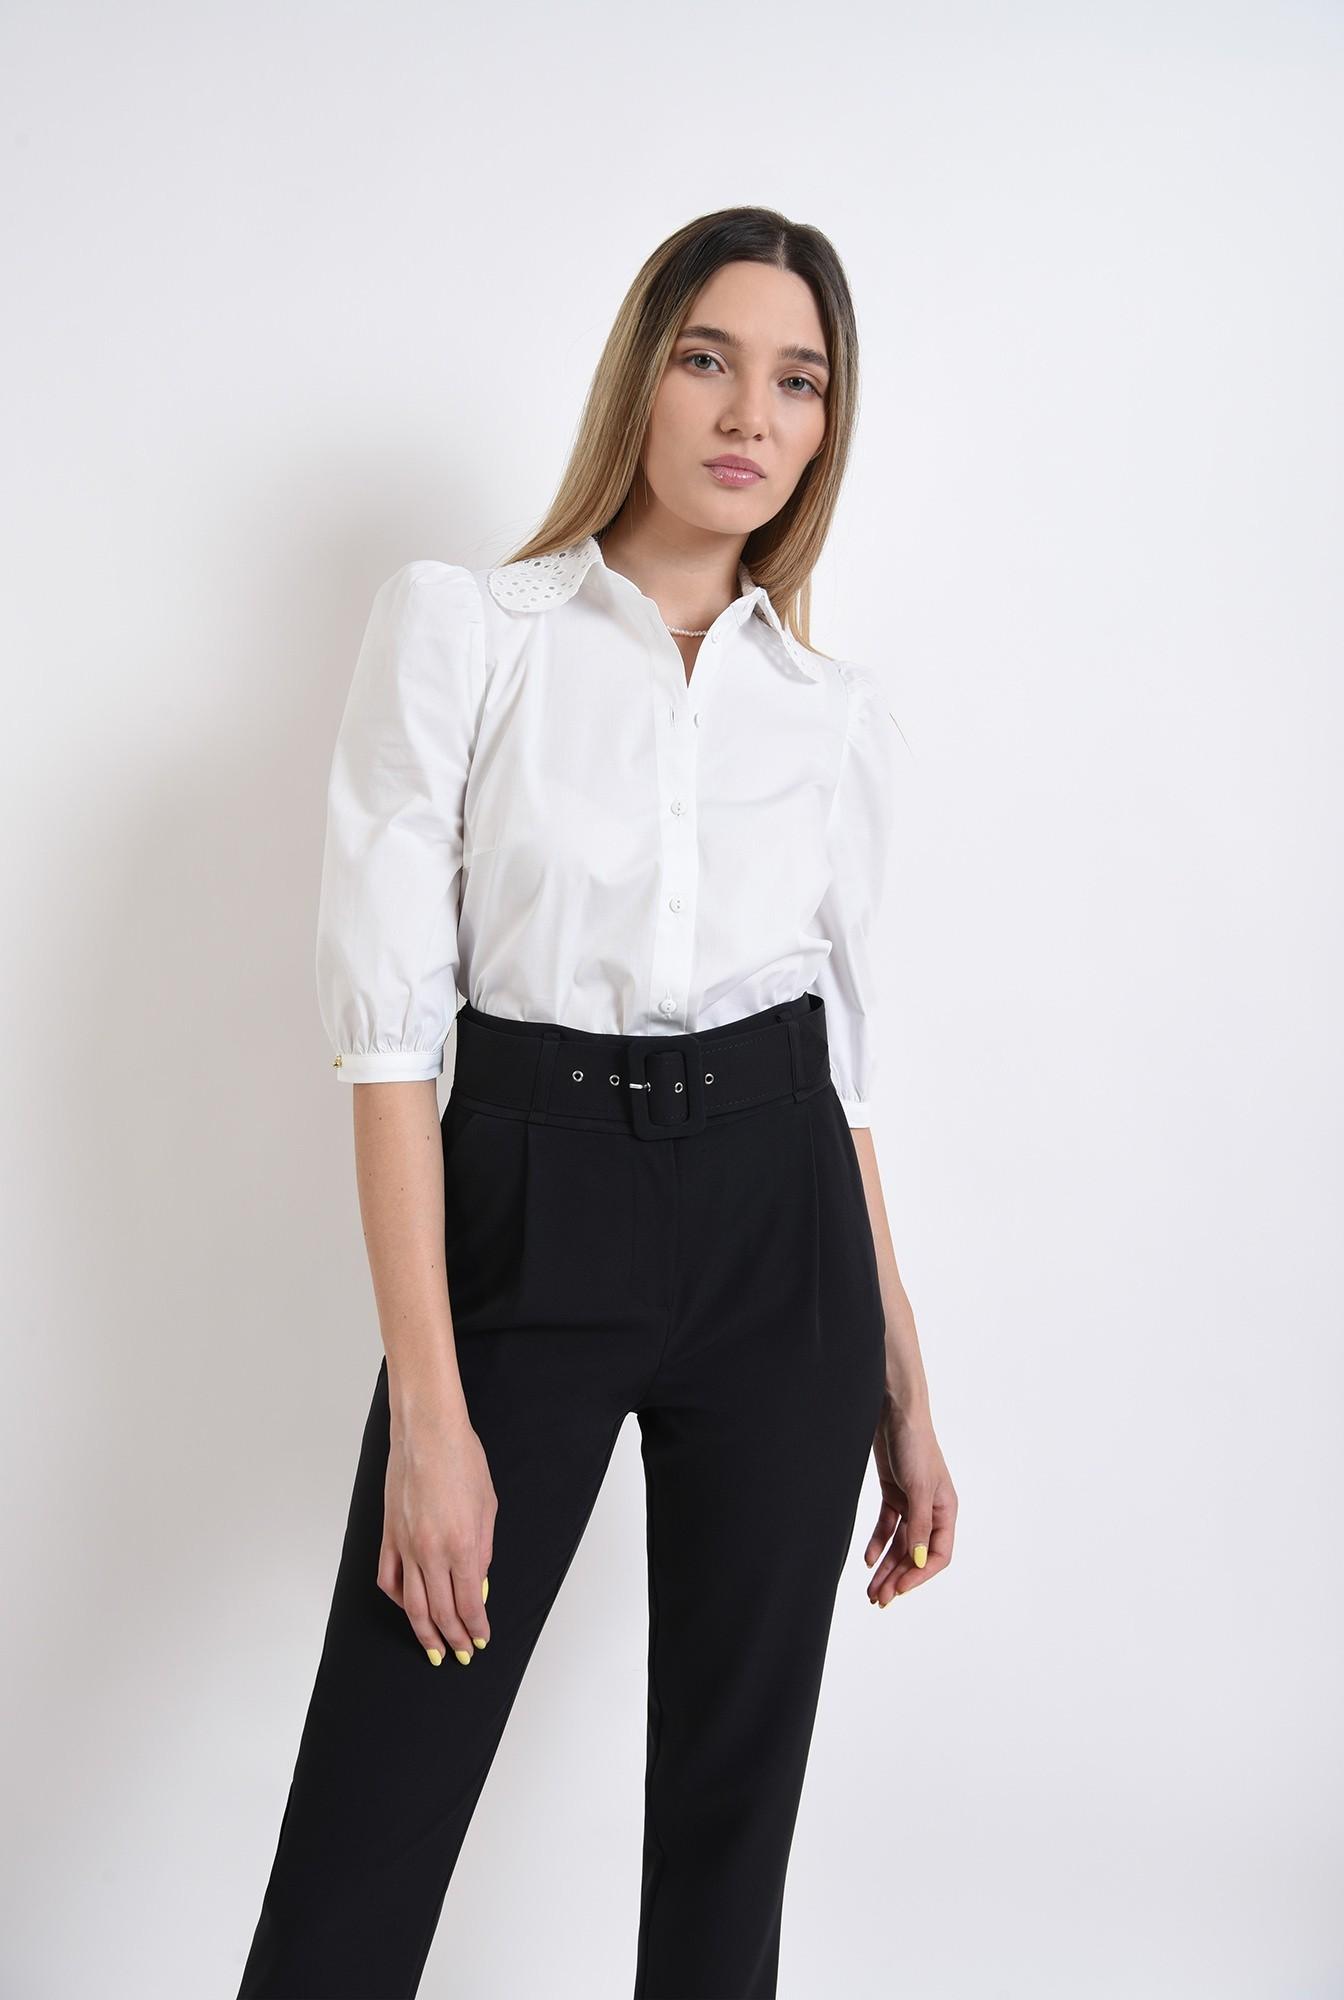 0 - pantaloni conici, office, cu centura, negri